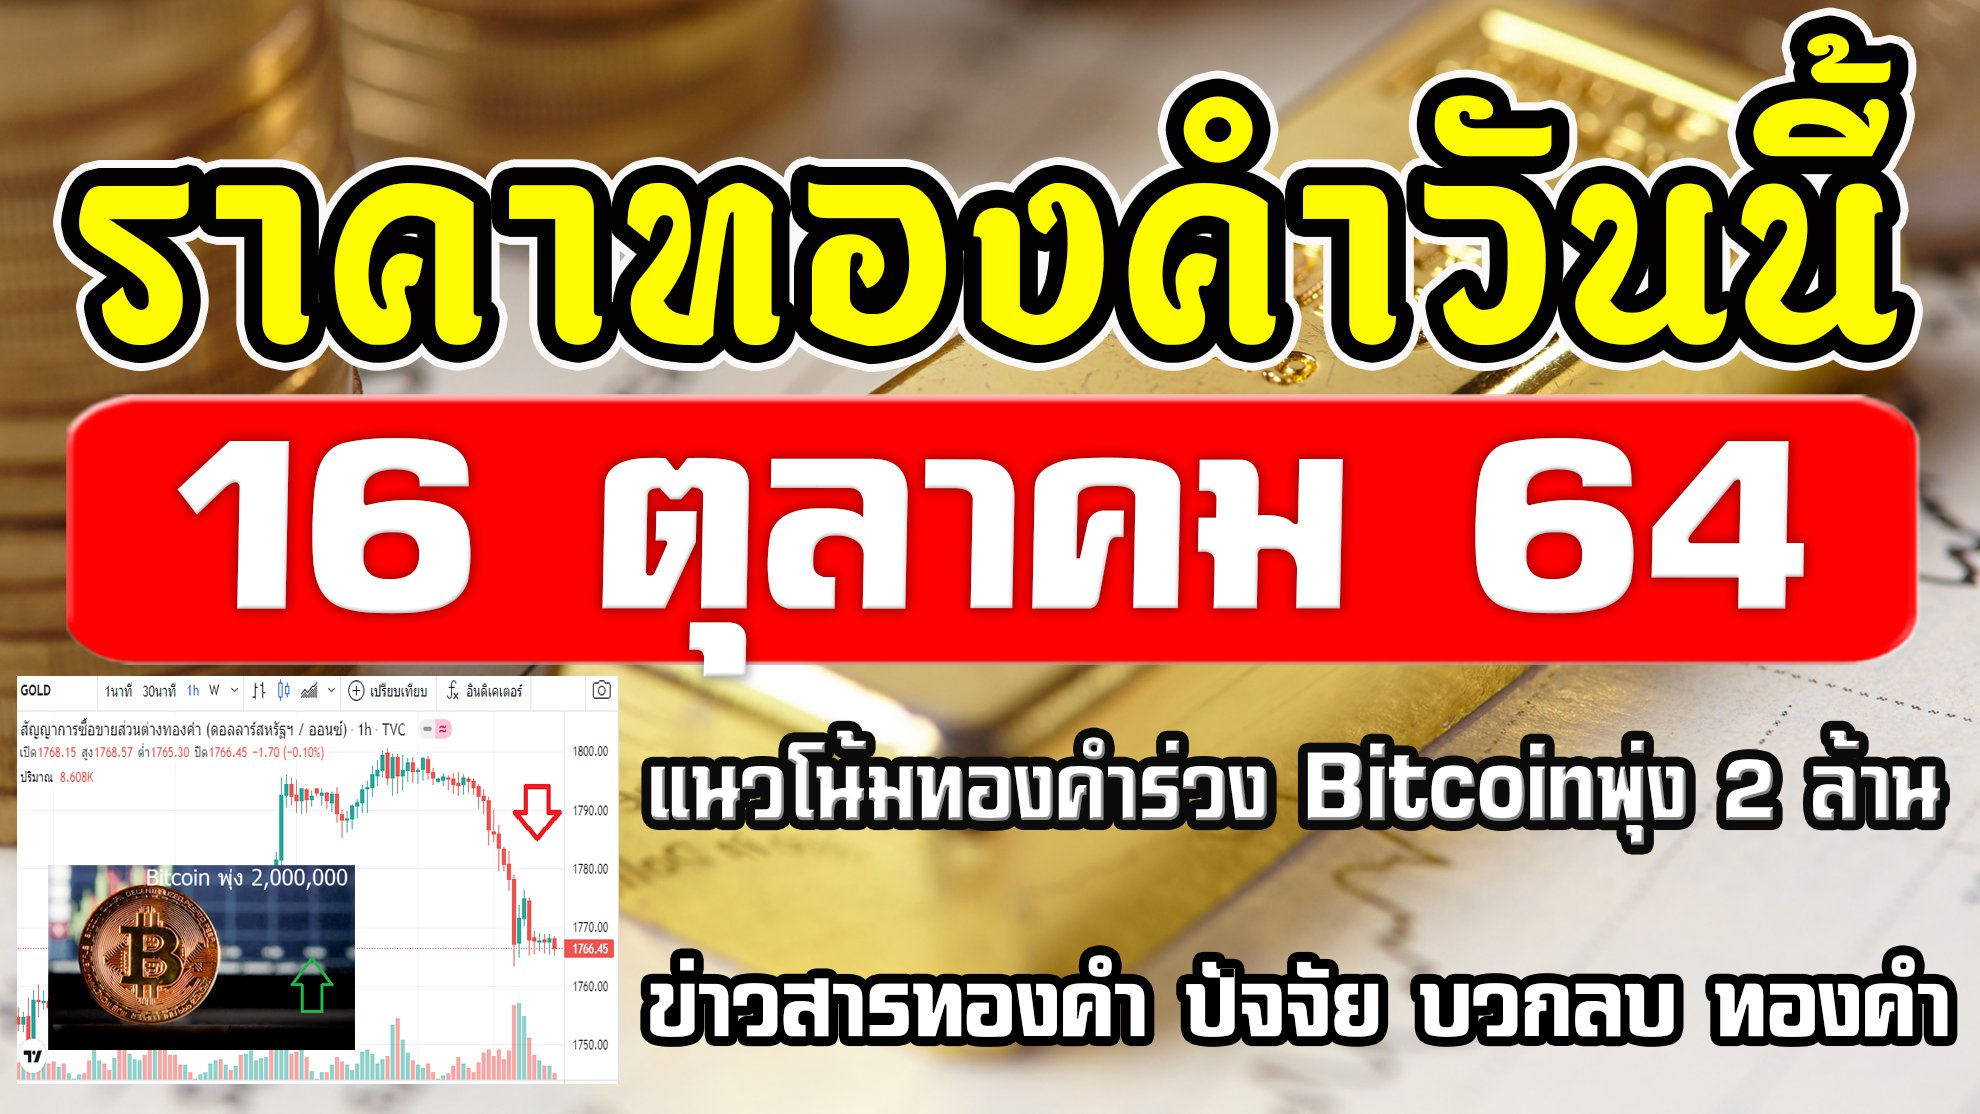 ราคาทองวันนี้ 16ต.ค.64 แนวโน้มทองคำร่วง วิเคราะห์ทองคำ ปัจจัยทองคำ Bitcoin พุ่งสูงแตะ2ล้าน